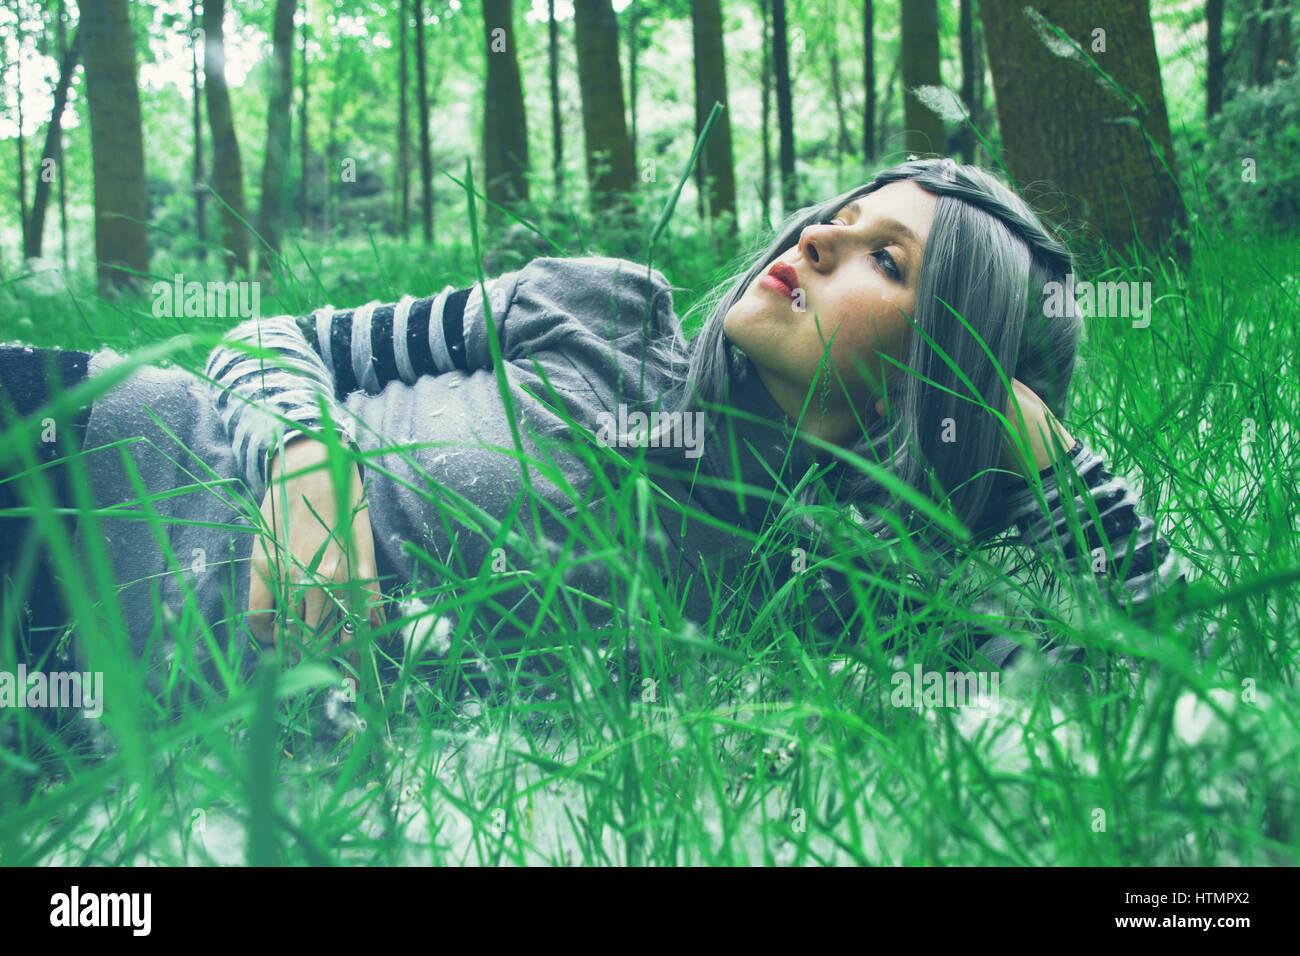 Giovane donna con i capelli grigi in una foresta Immagini Stock